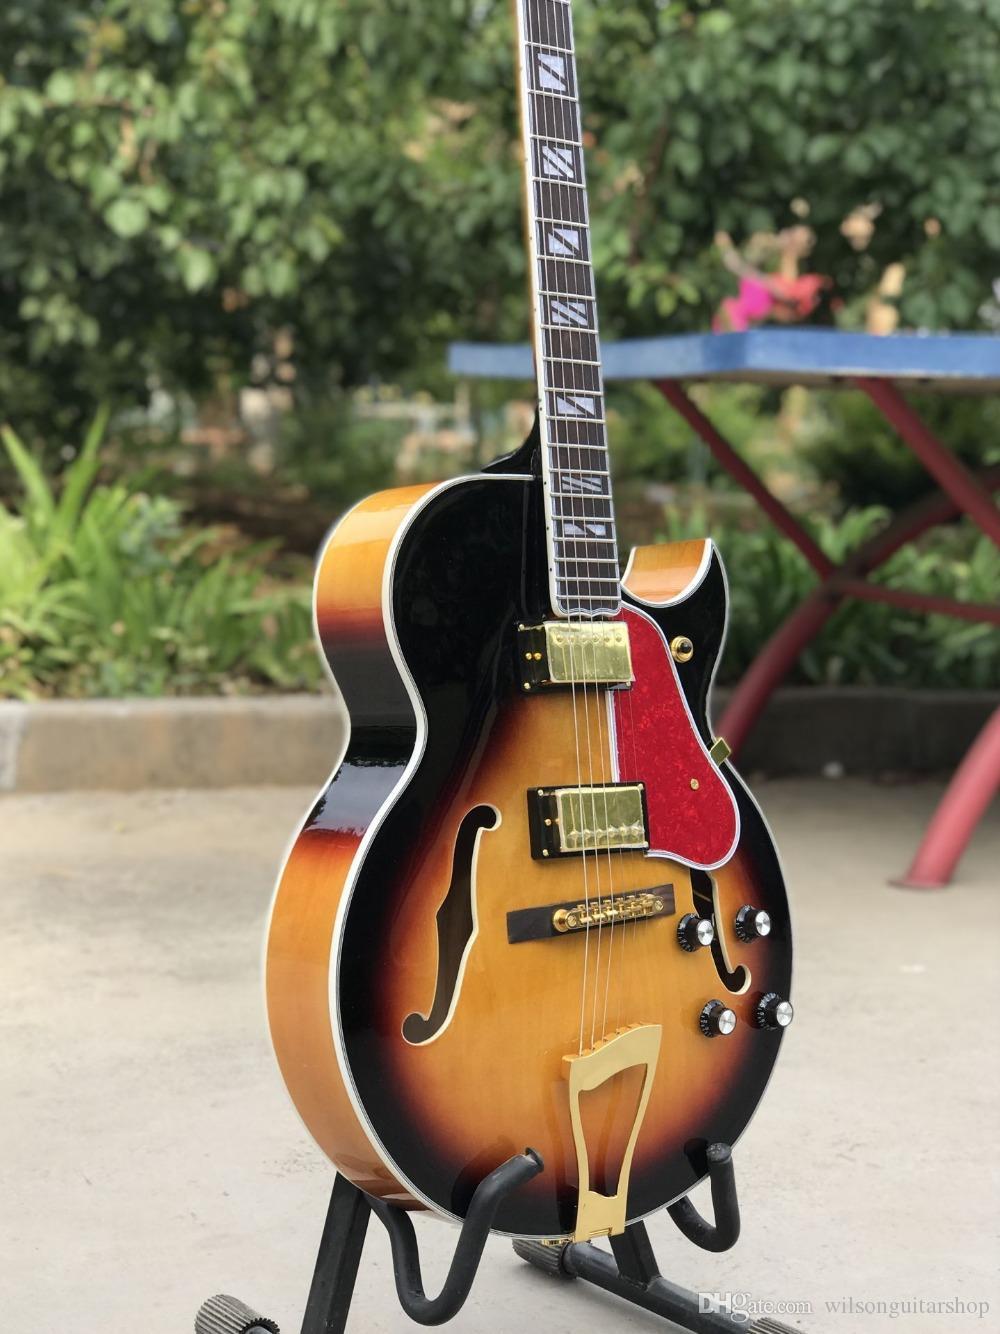 Nuovo stile, Porcellana F chitarra elettrica vuota del corpo di jazz, Sunburst vibrato guitarra sistema